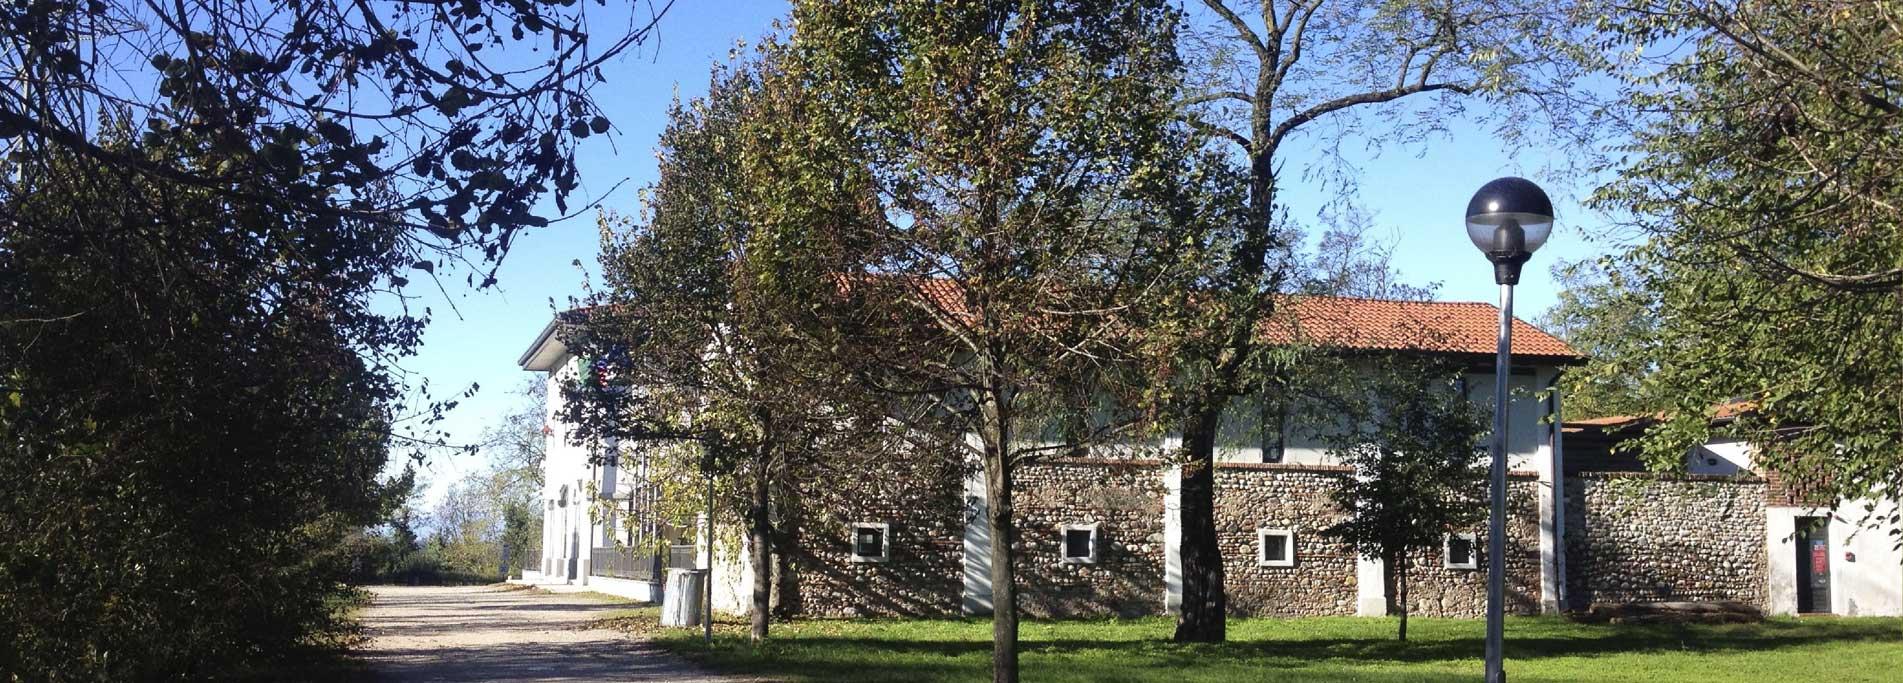 Centro Parco Ex Dogana Austroungarica di Lonate Pozzolo